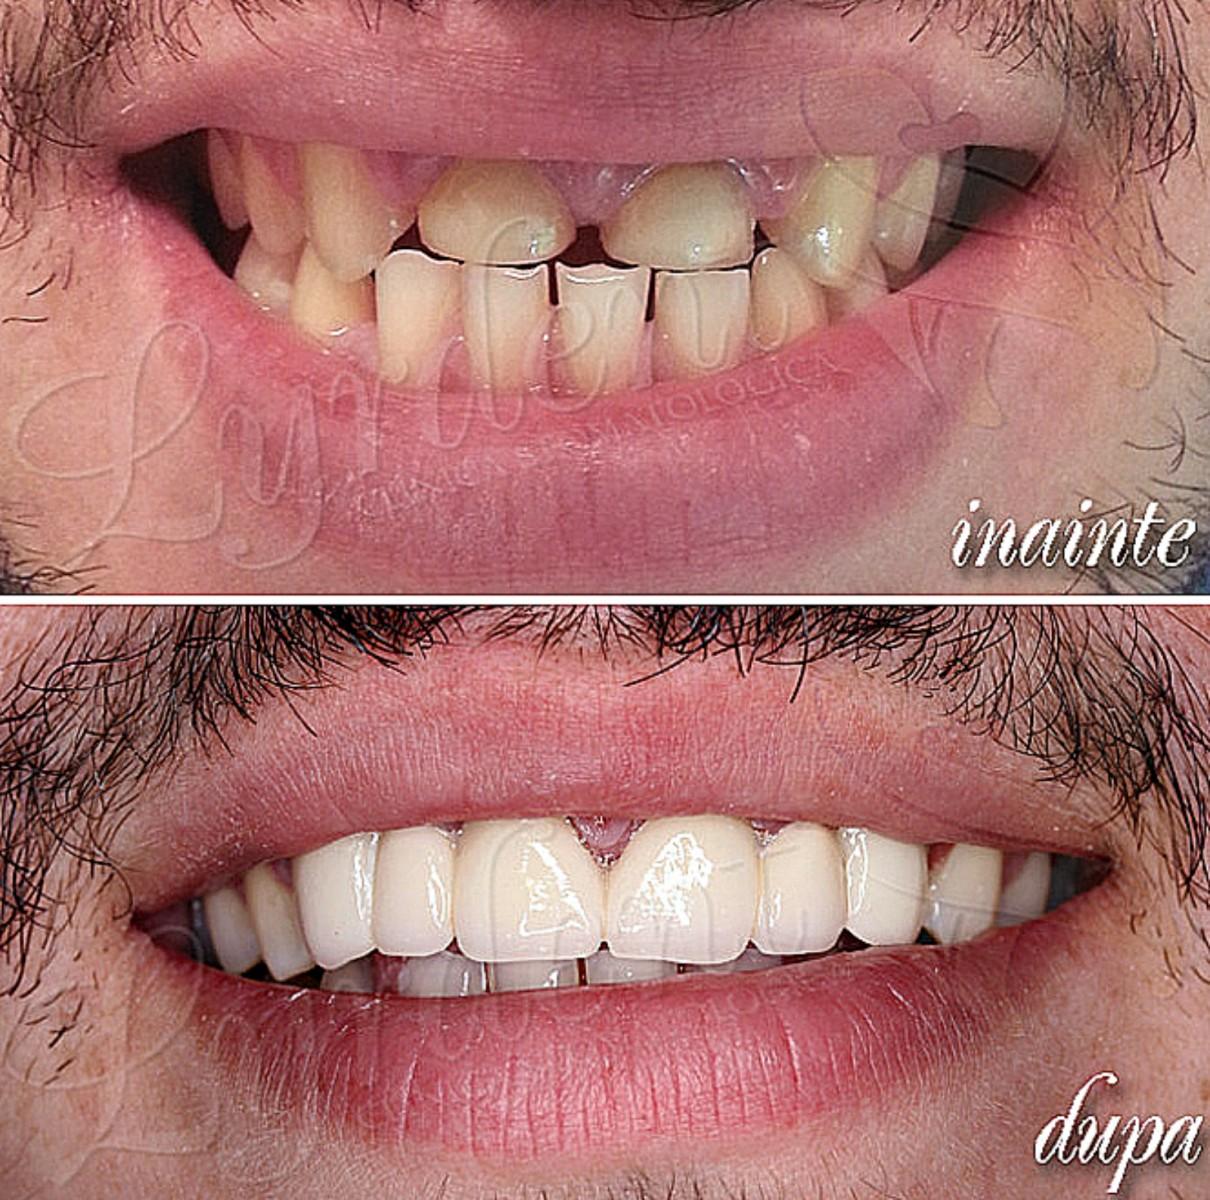 Bogdan- reabilitare orala totala